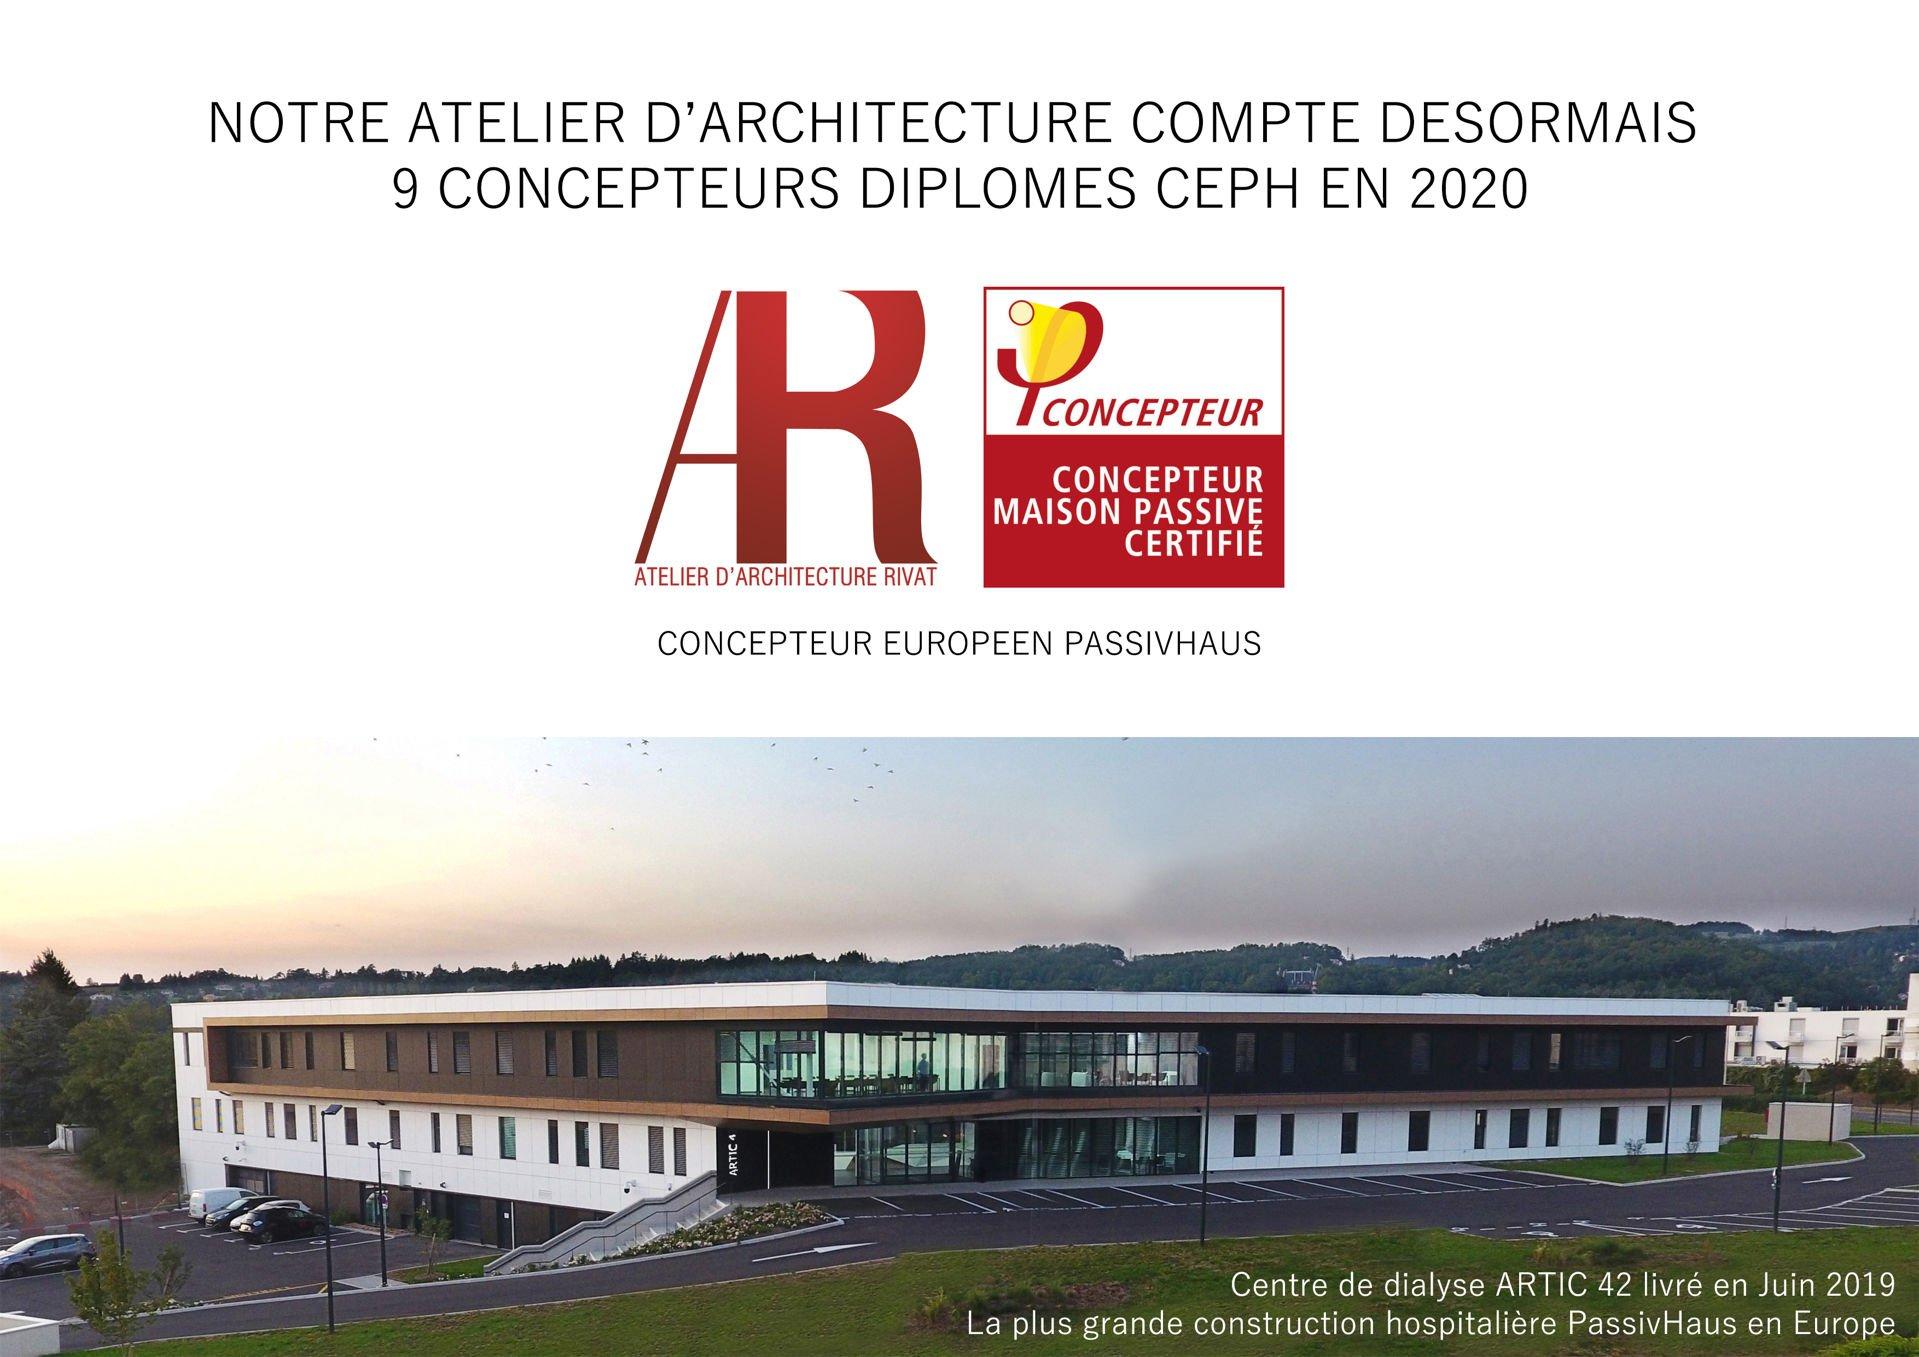 ACTUALITE : Notre Atelier d'Architecture compte désormais 9 concepteurs diplômés CEPH (Concepteur Européen PassivHaus) en 2020 !